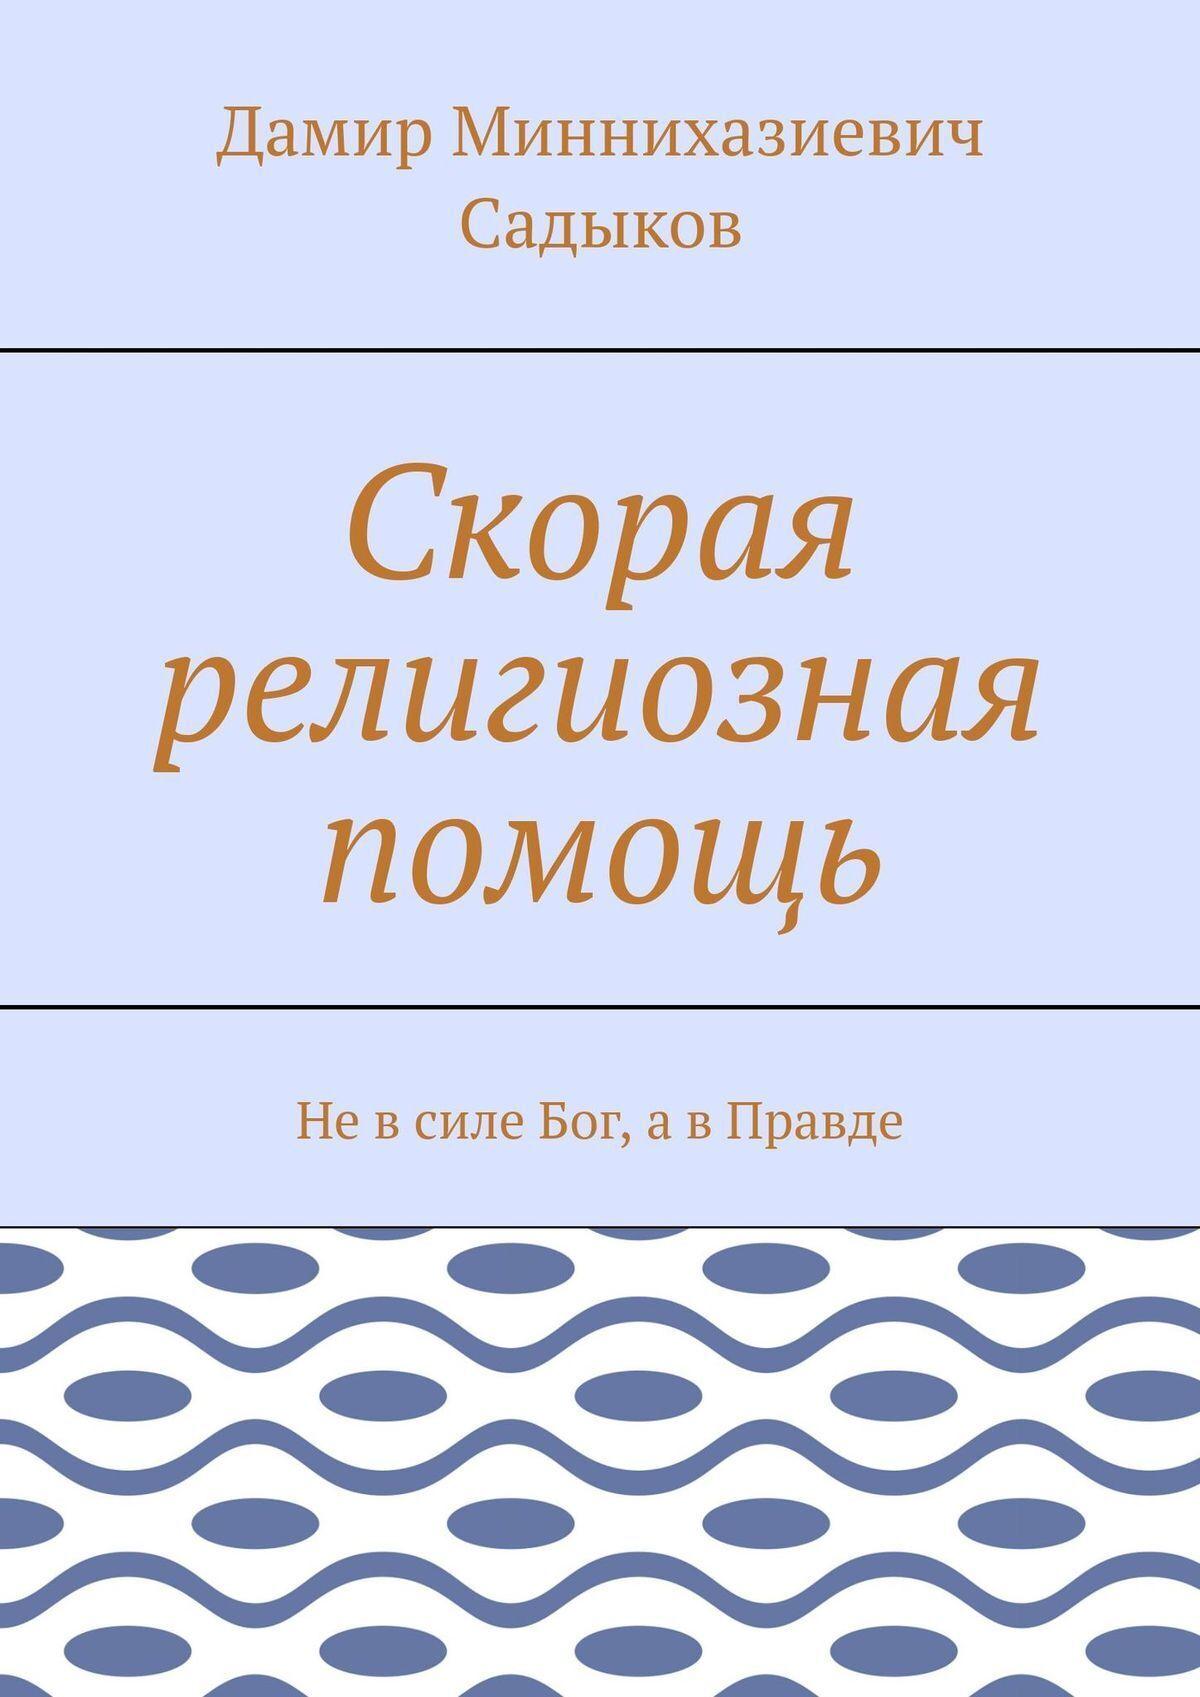 Дамир Миннихазиевич Садыков Скорая религиозная помощь. Том 1. Невсиле Бог, авПравде айпери дамир джуля